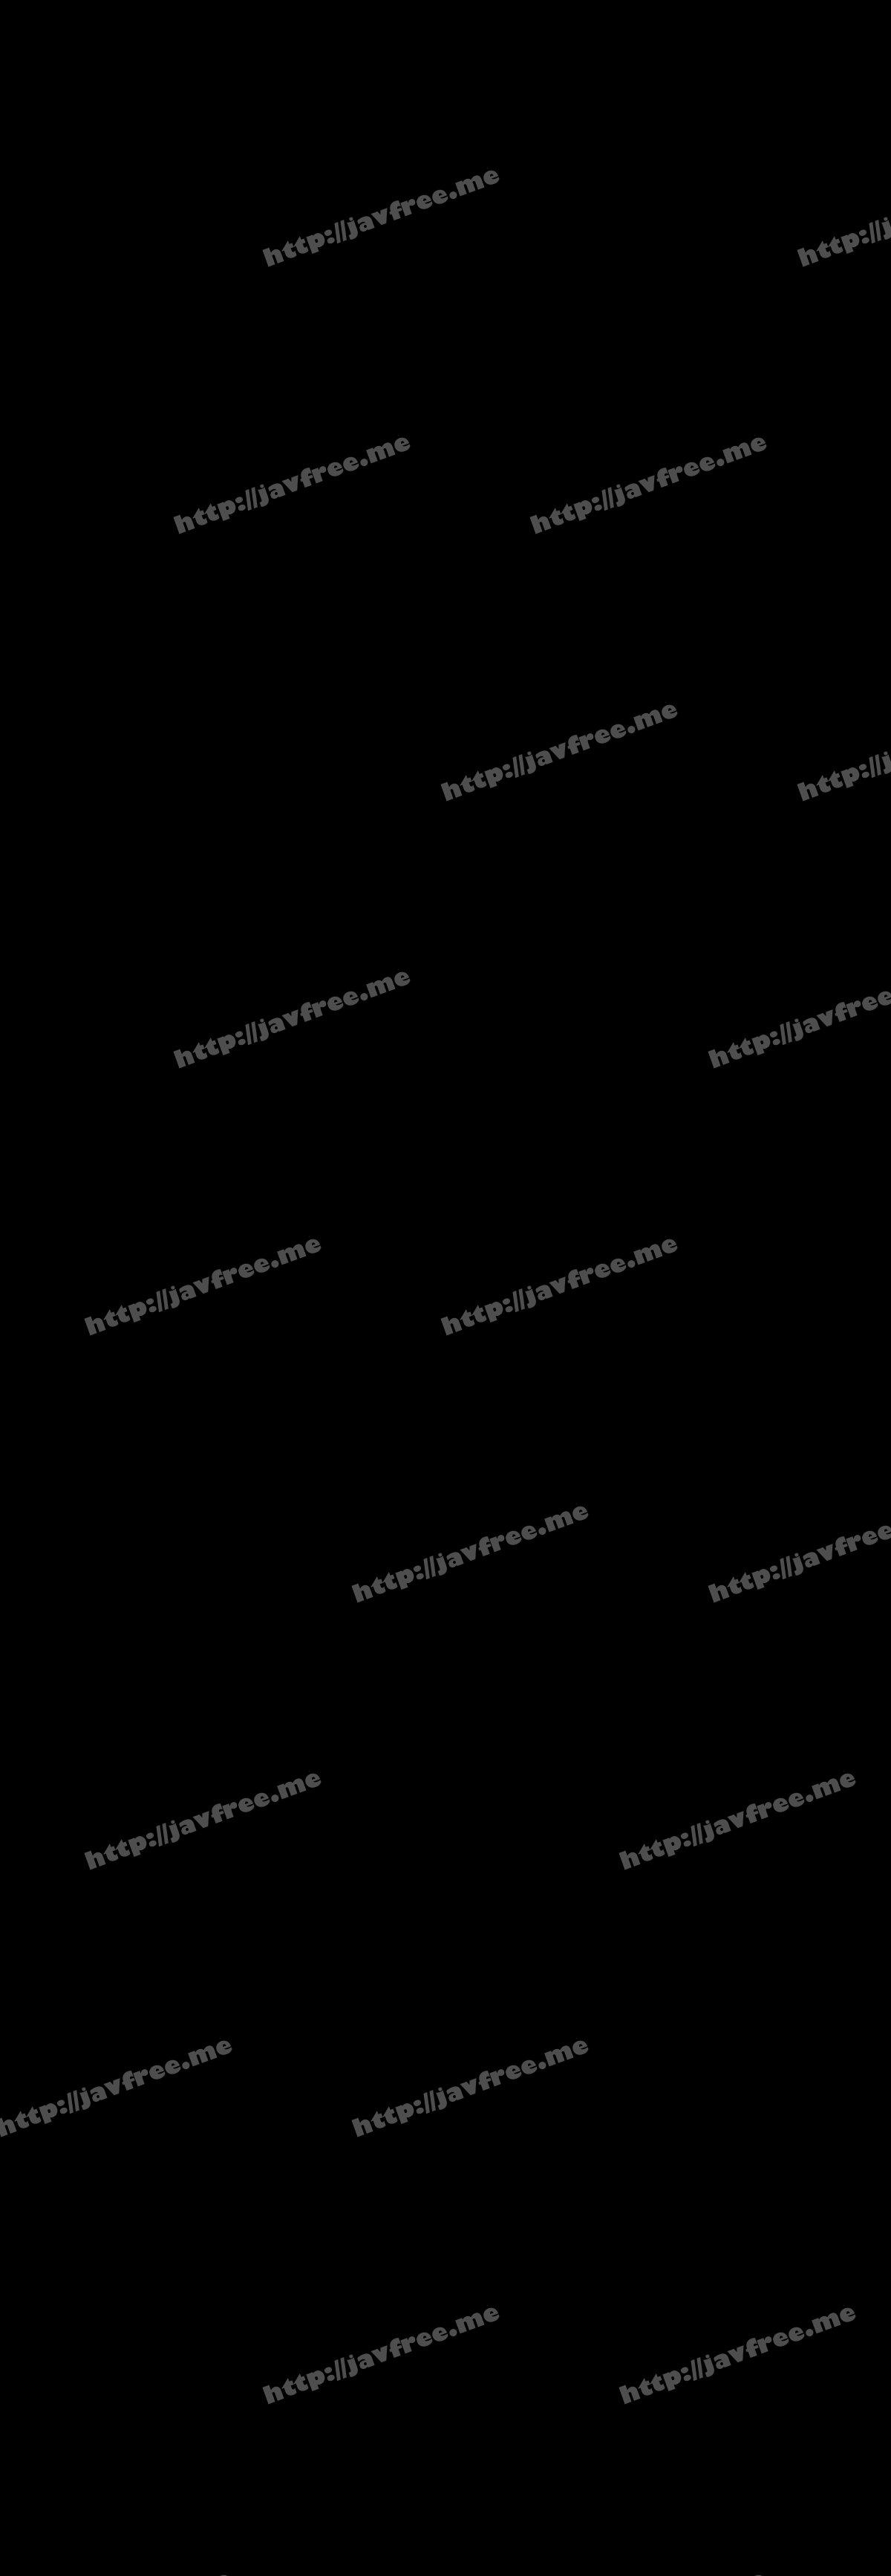 [HD][IBW-722] 美少女連れ込み強制わいせつ映像集2枚組8時間 - image IBW-722d-720p on https://javfree.me